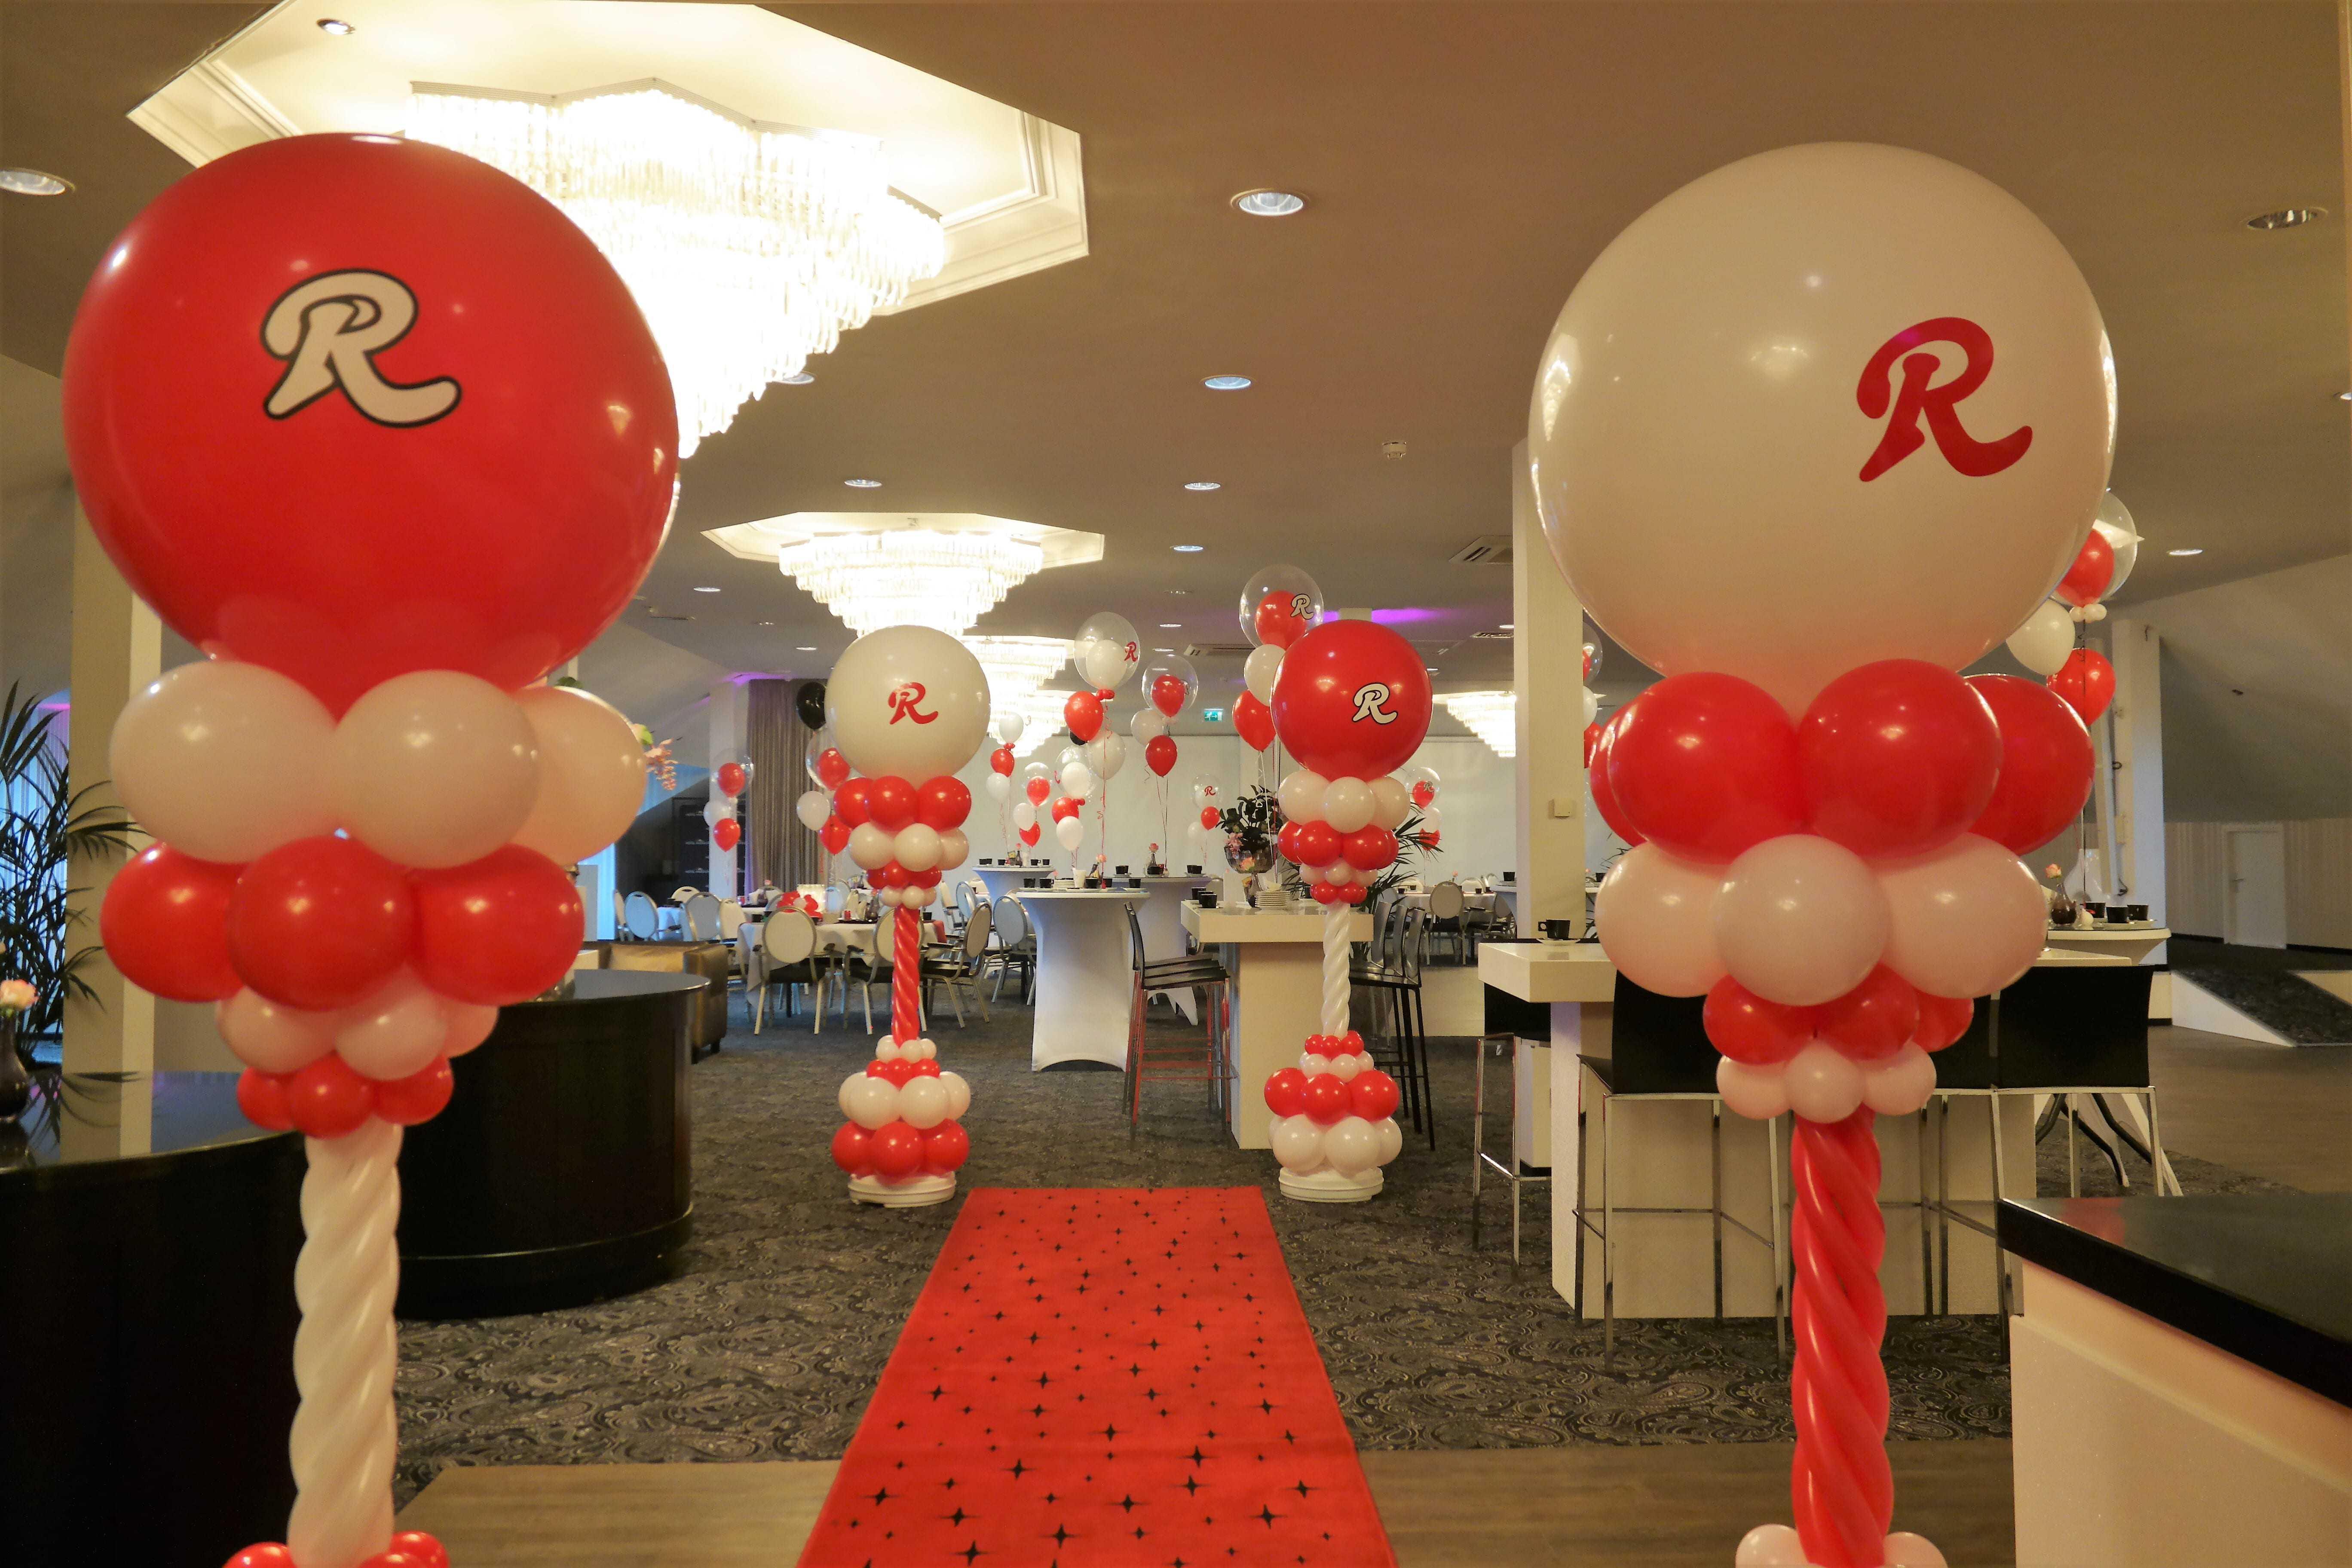 tweekleurig-logo-op-topballon-bedrijfsfeest